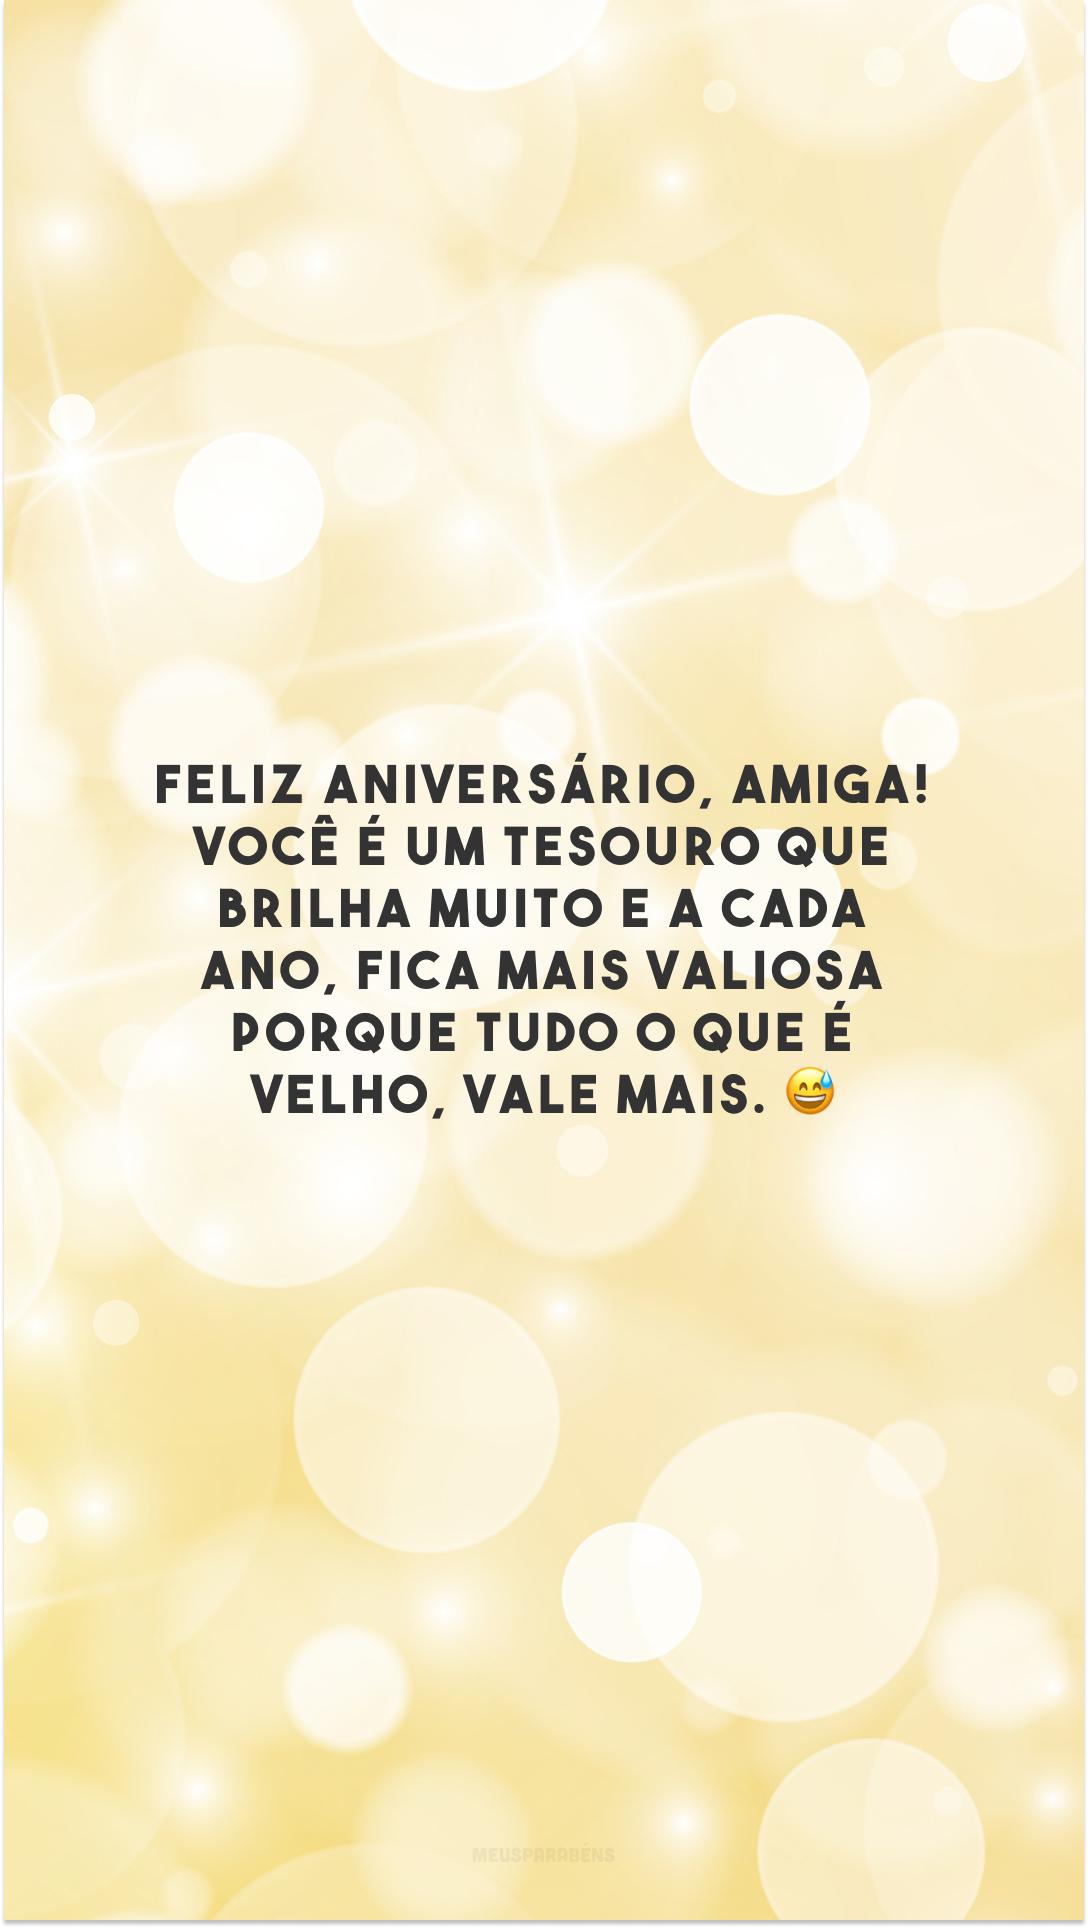 Feliz aniversário, amiga! Você é um tesouro que brilha muito e a cada ano, fica mais valiosa porque tudo o que é velho, vale mais. 😅